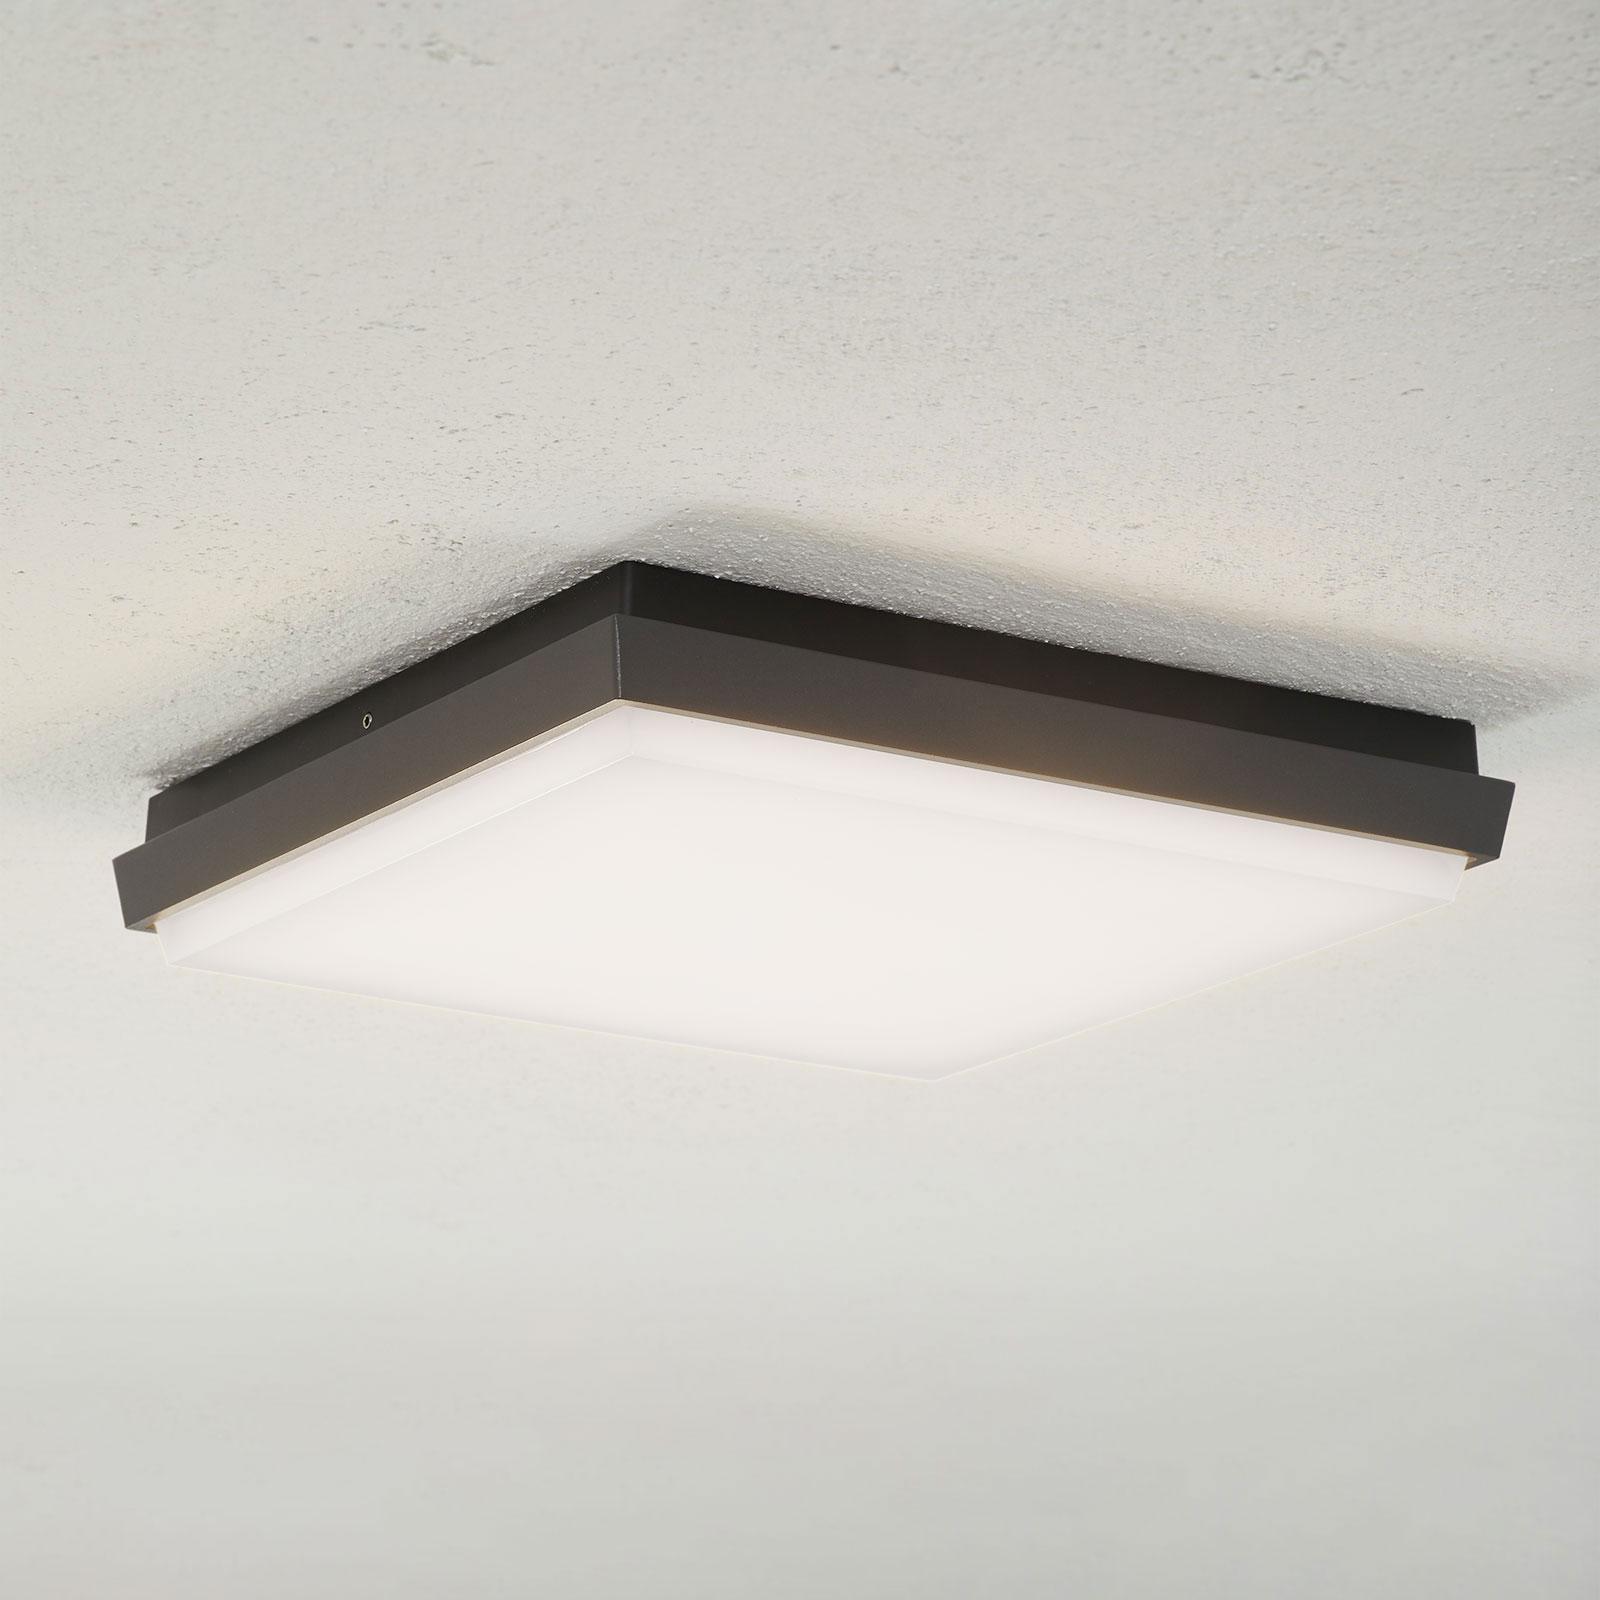 Lucande Amra LED utetaklampe, kantet, 30 cm